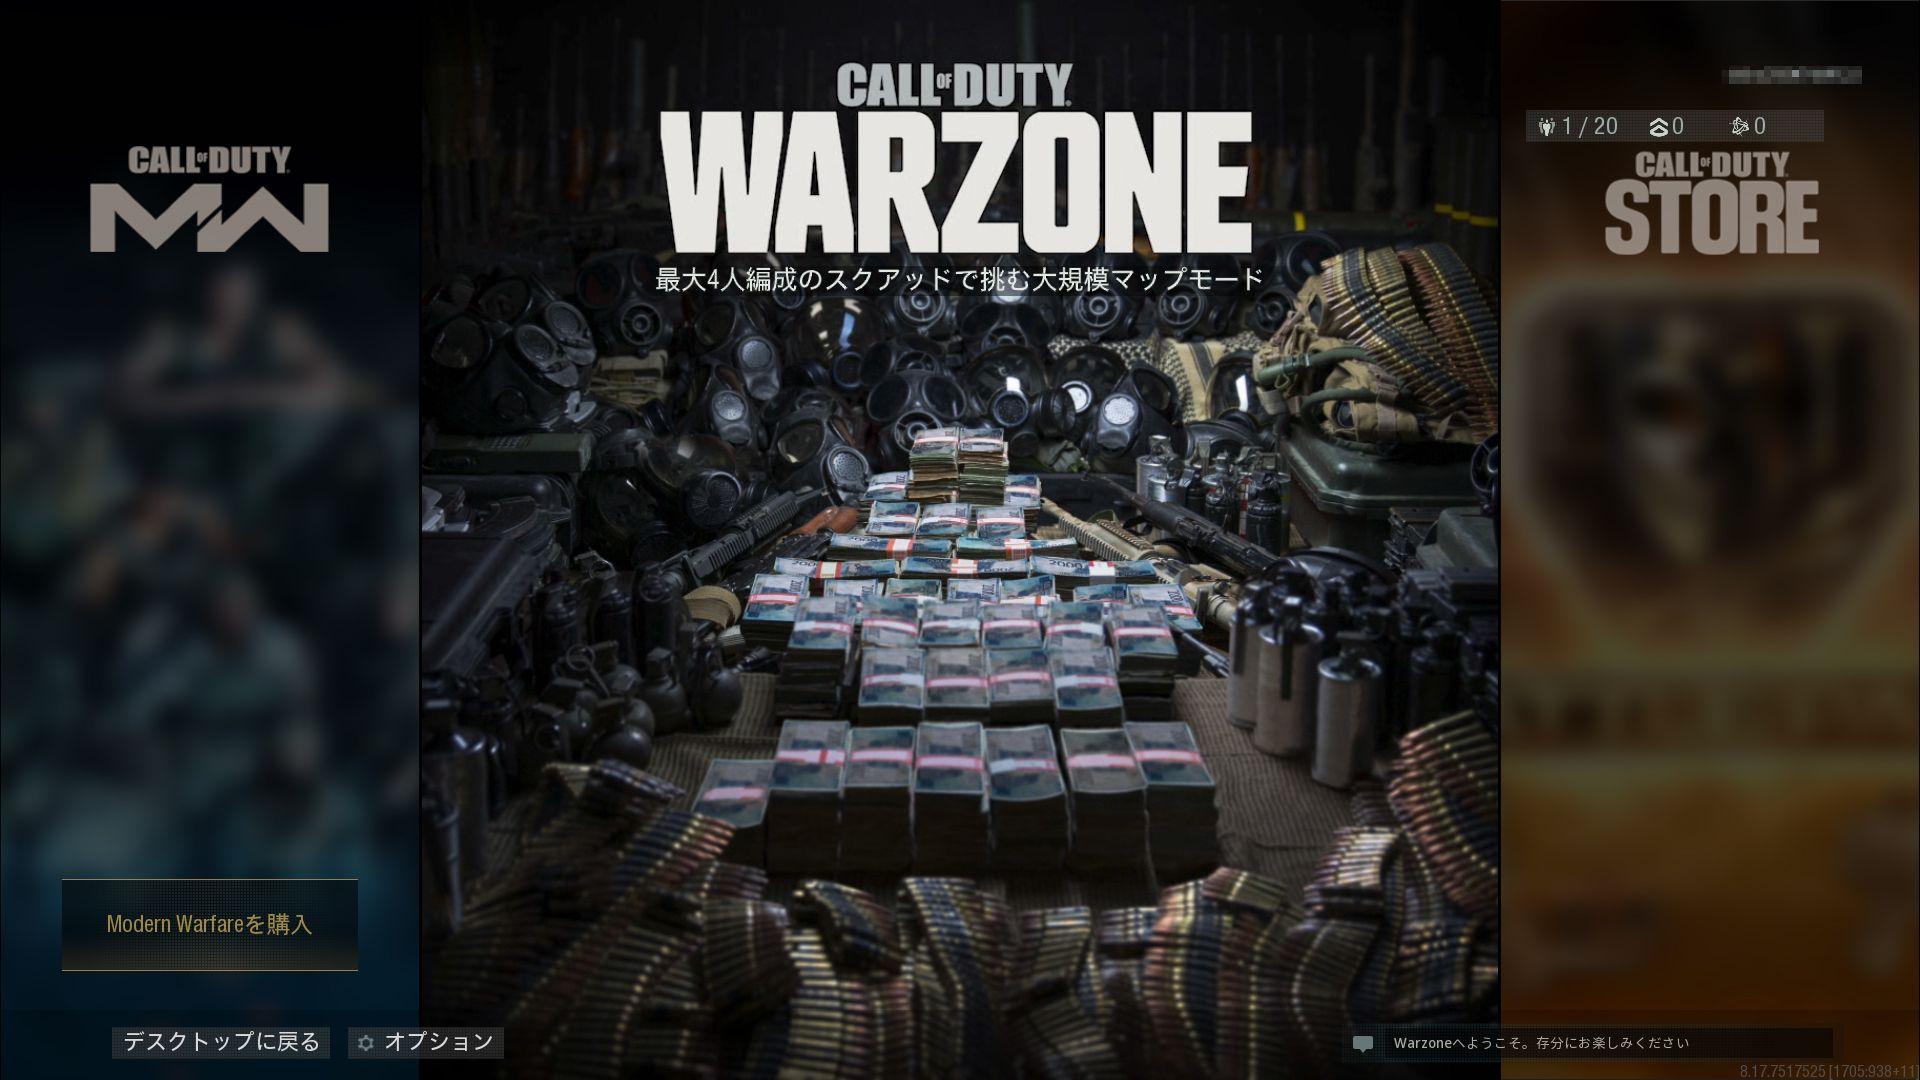 10日で3000万人がプレイ! 新作『Call of Duty:Warzone』は今年の覇者となるか!?【おっさんゲーマーの無料ゲーム放浪記・第2回】の画像001